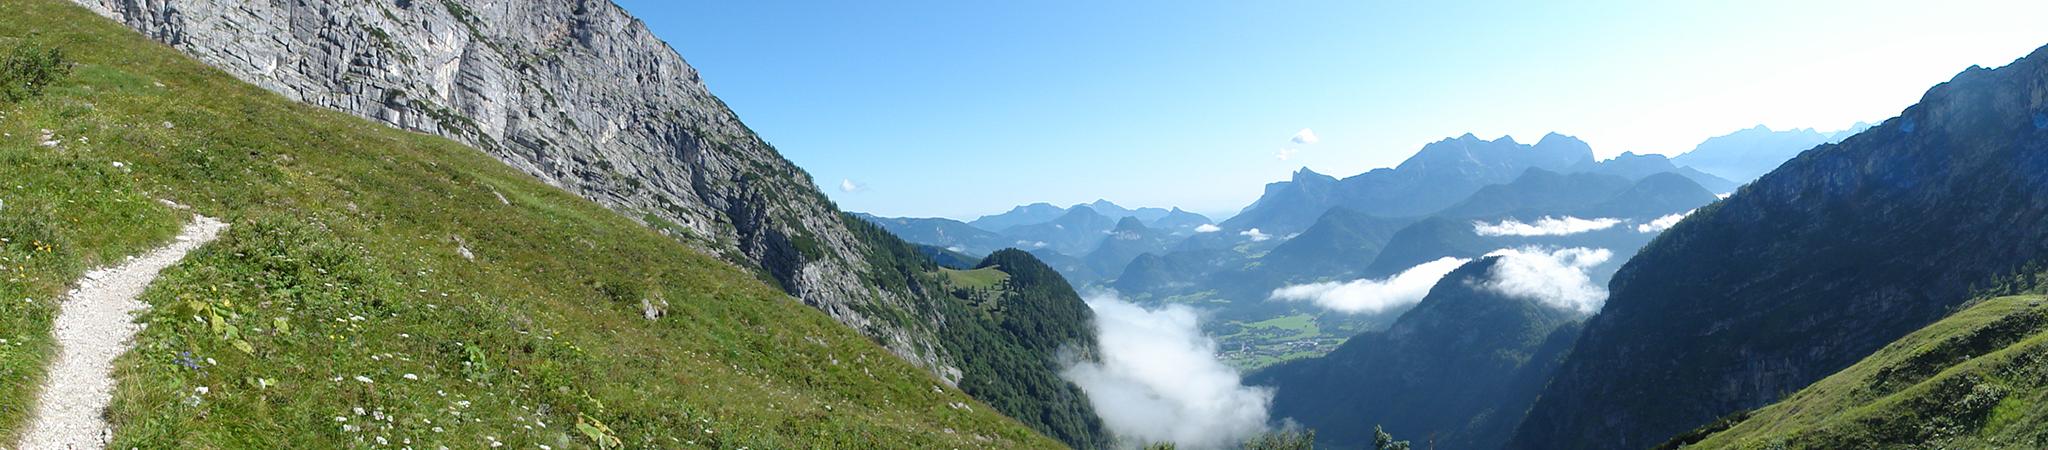 Arnoweg: Der Aufstieg zur Schmidt-Zabierow-Hütte in den Loferer Steinbergen mit Blick zurück nach Lofer